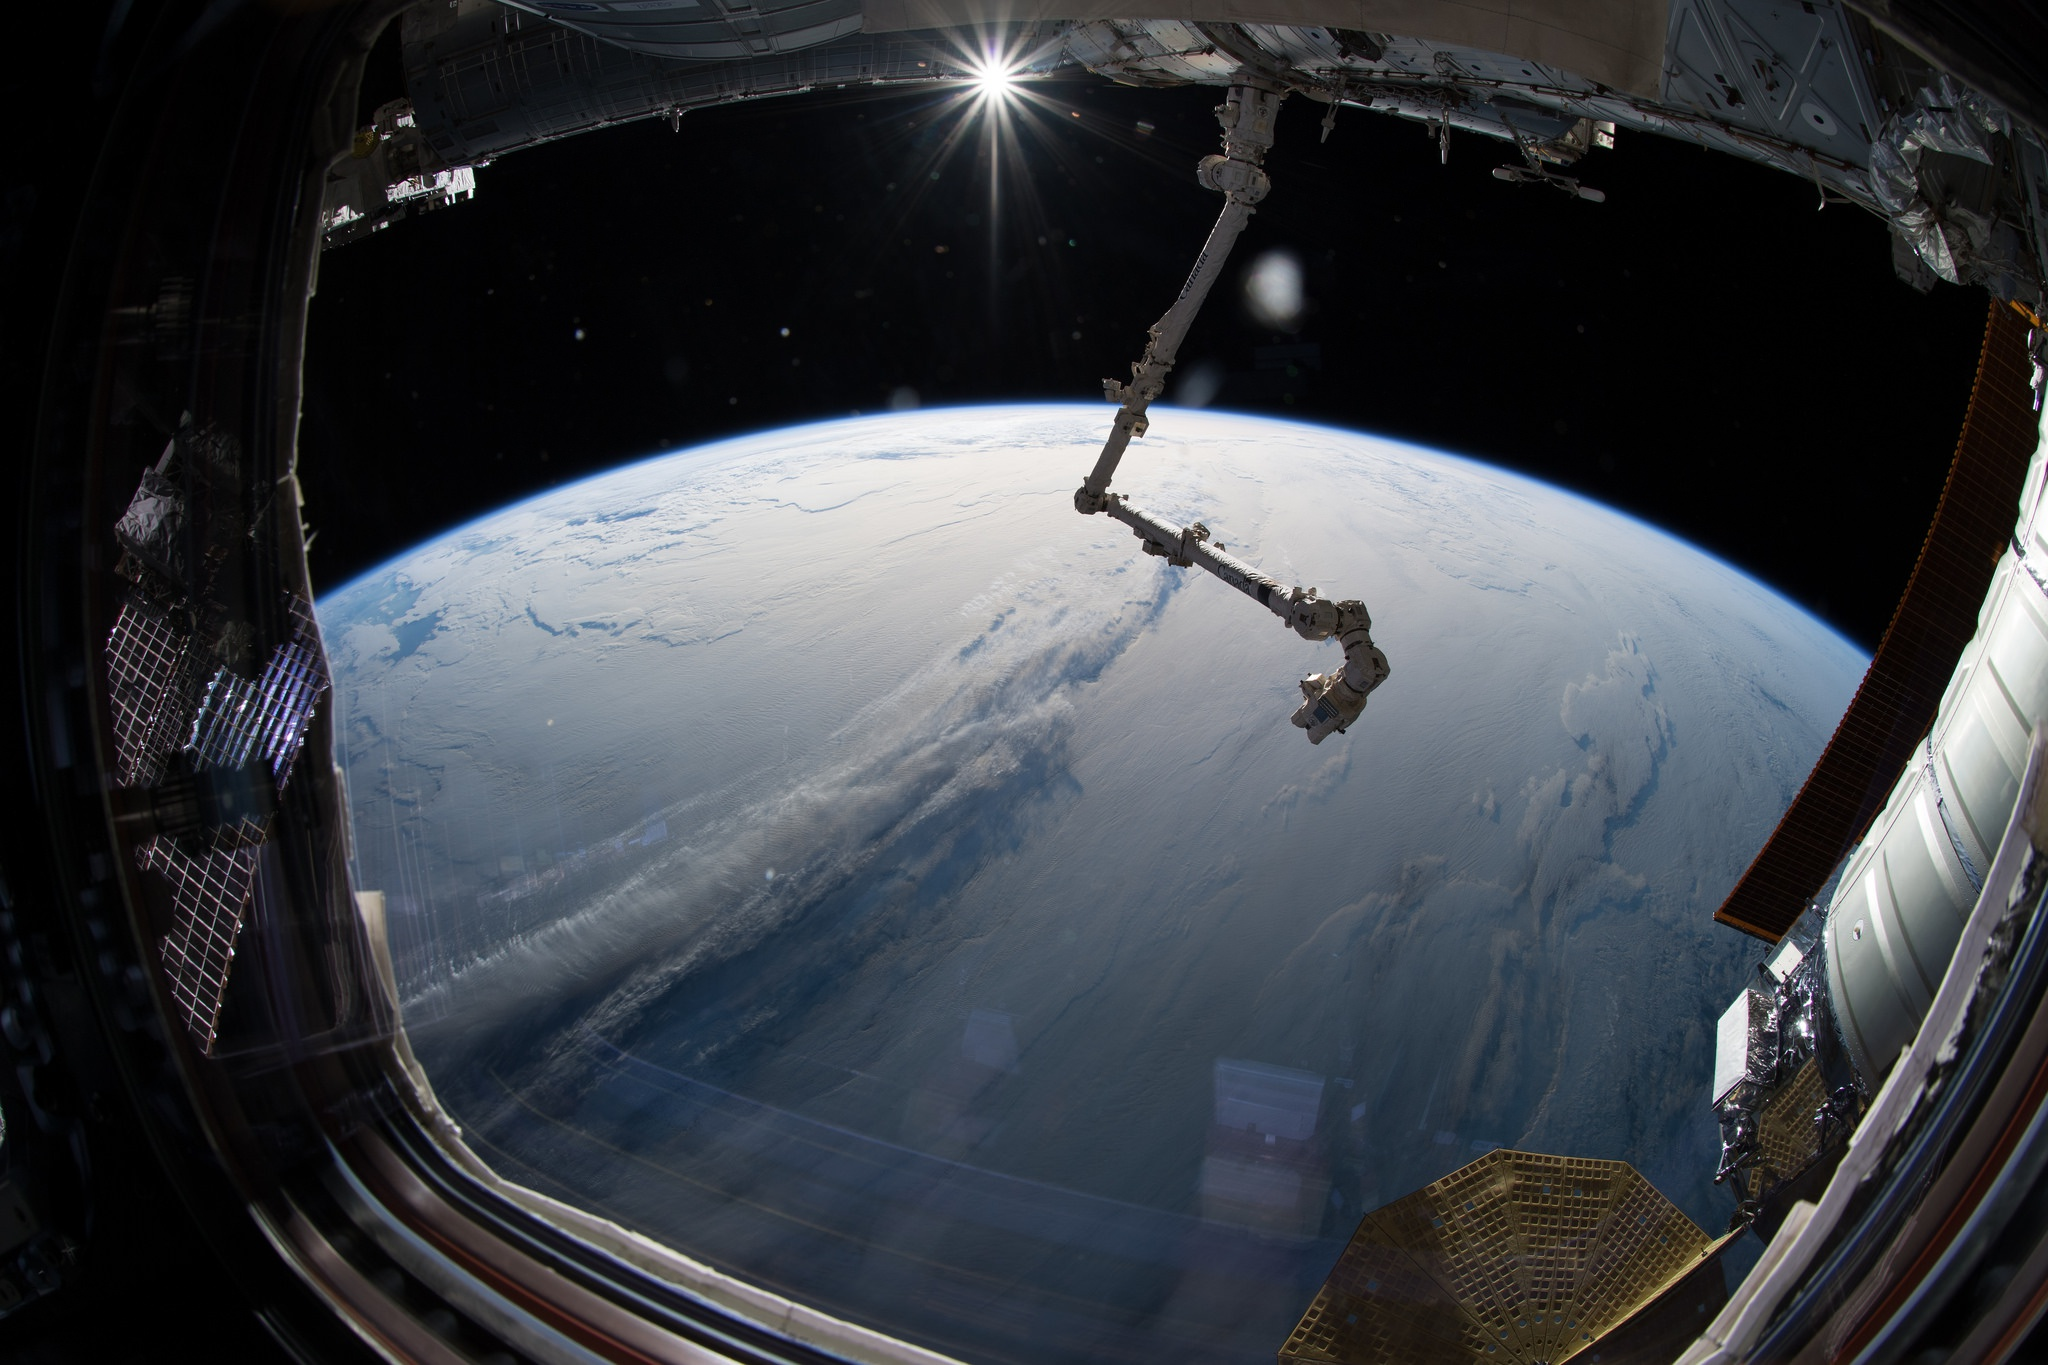 земля в космосе и корабли фото протяжении нескольких